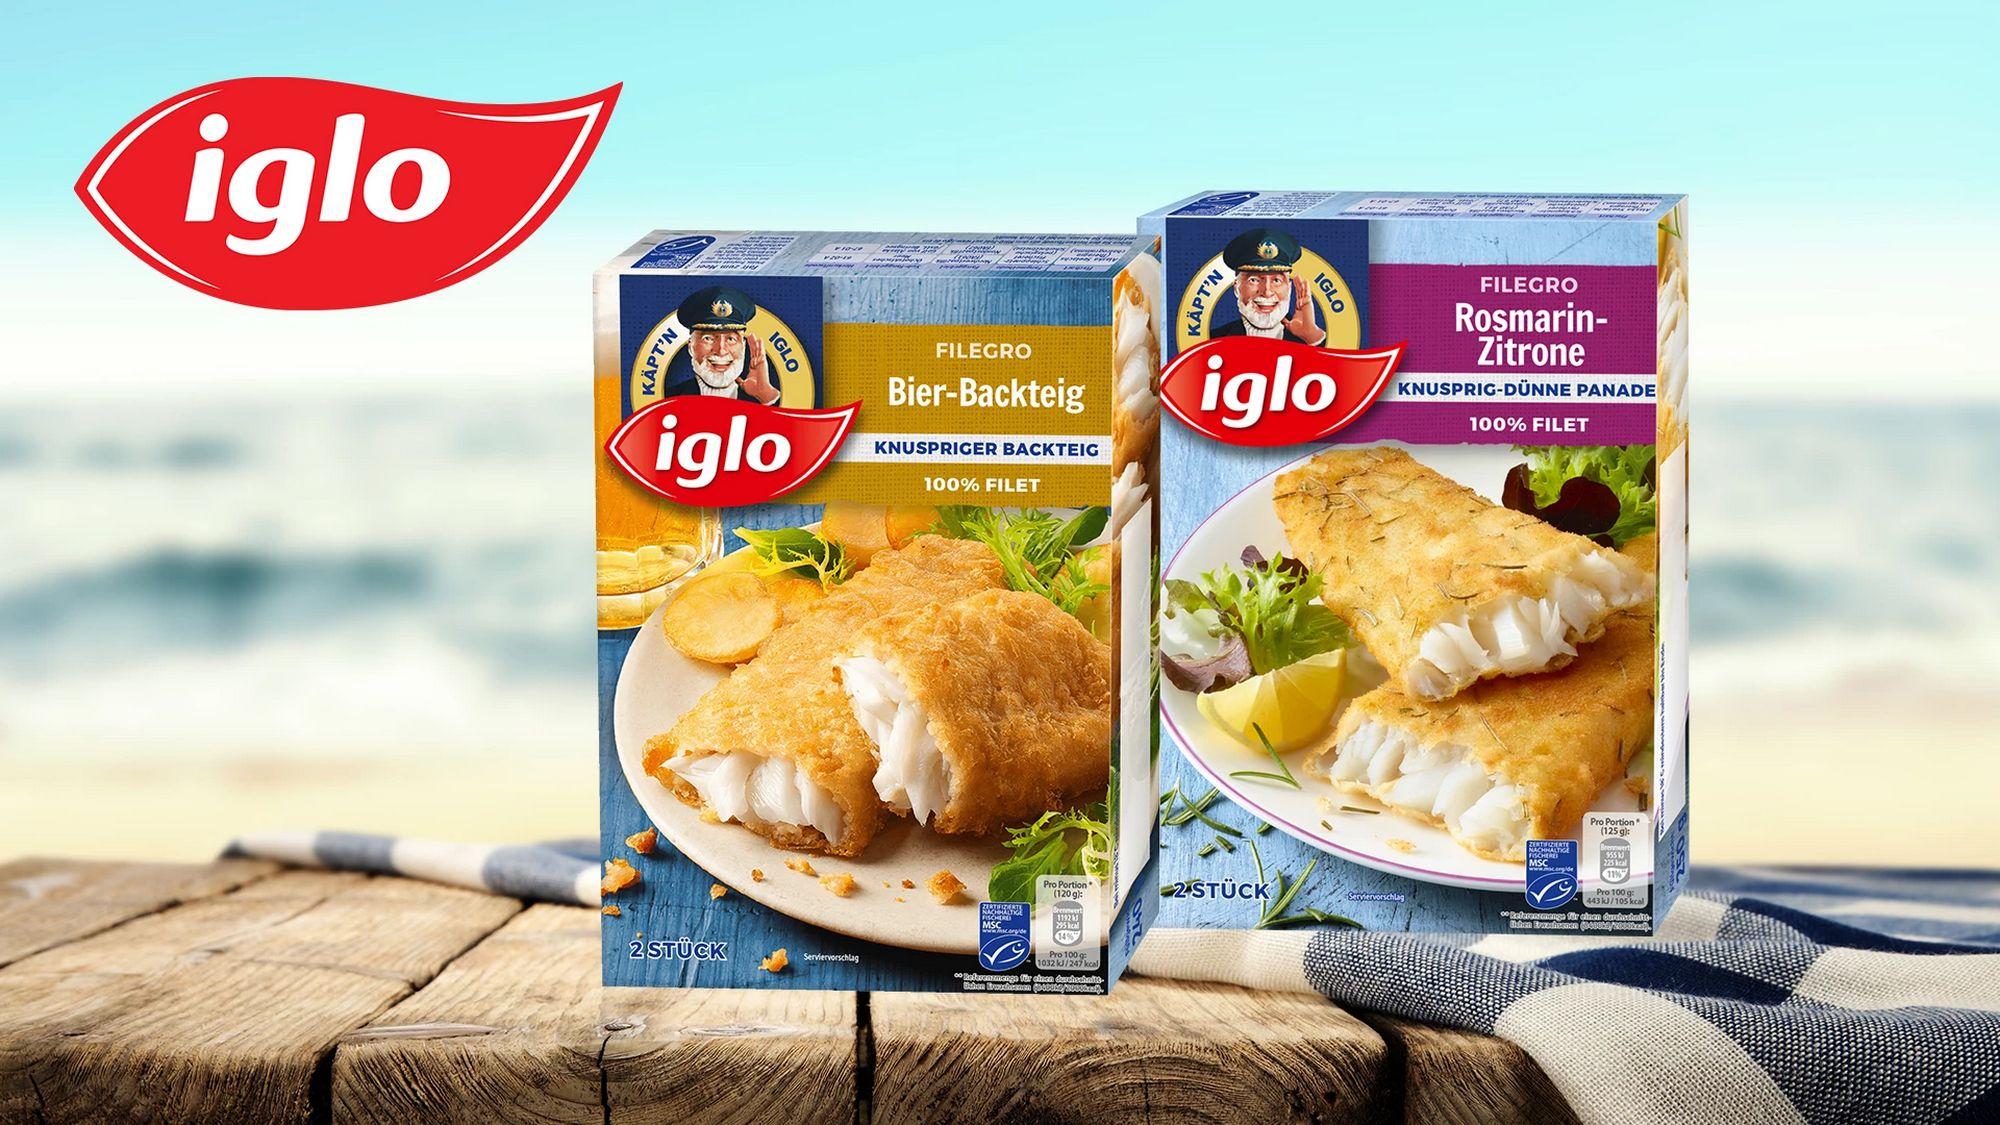 [Kaufland] Iglo Filegro 240/250g versch. Sorten